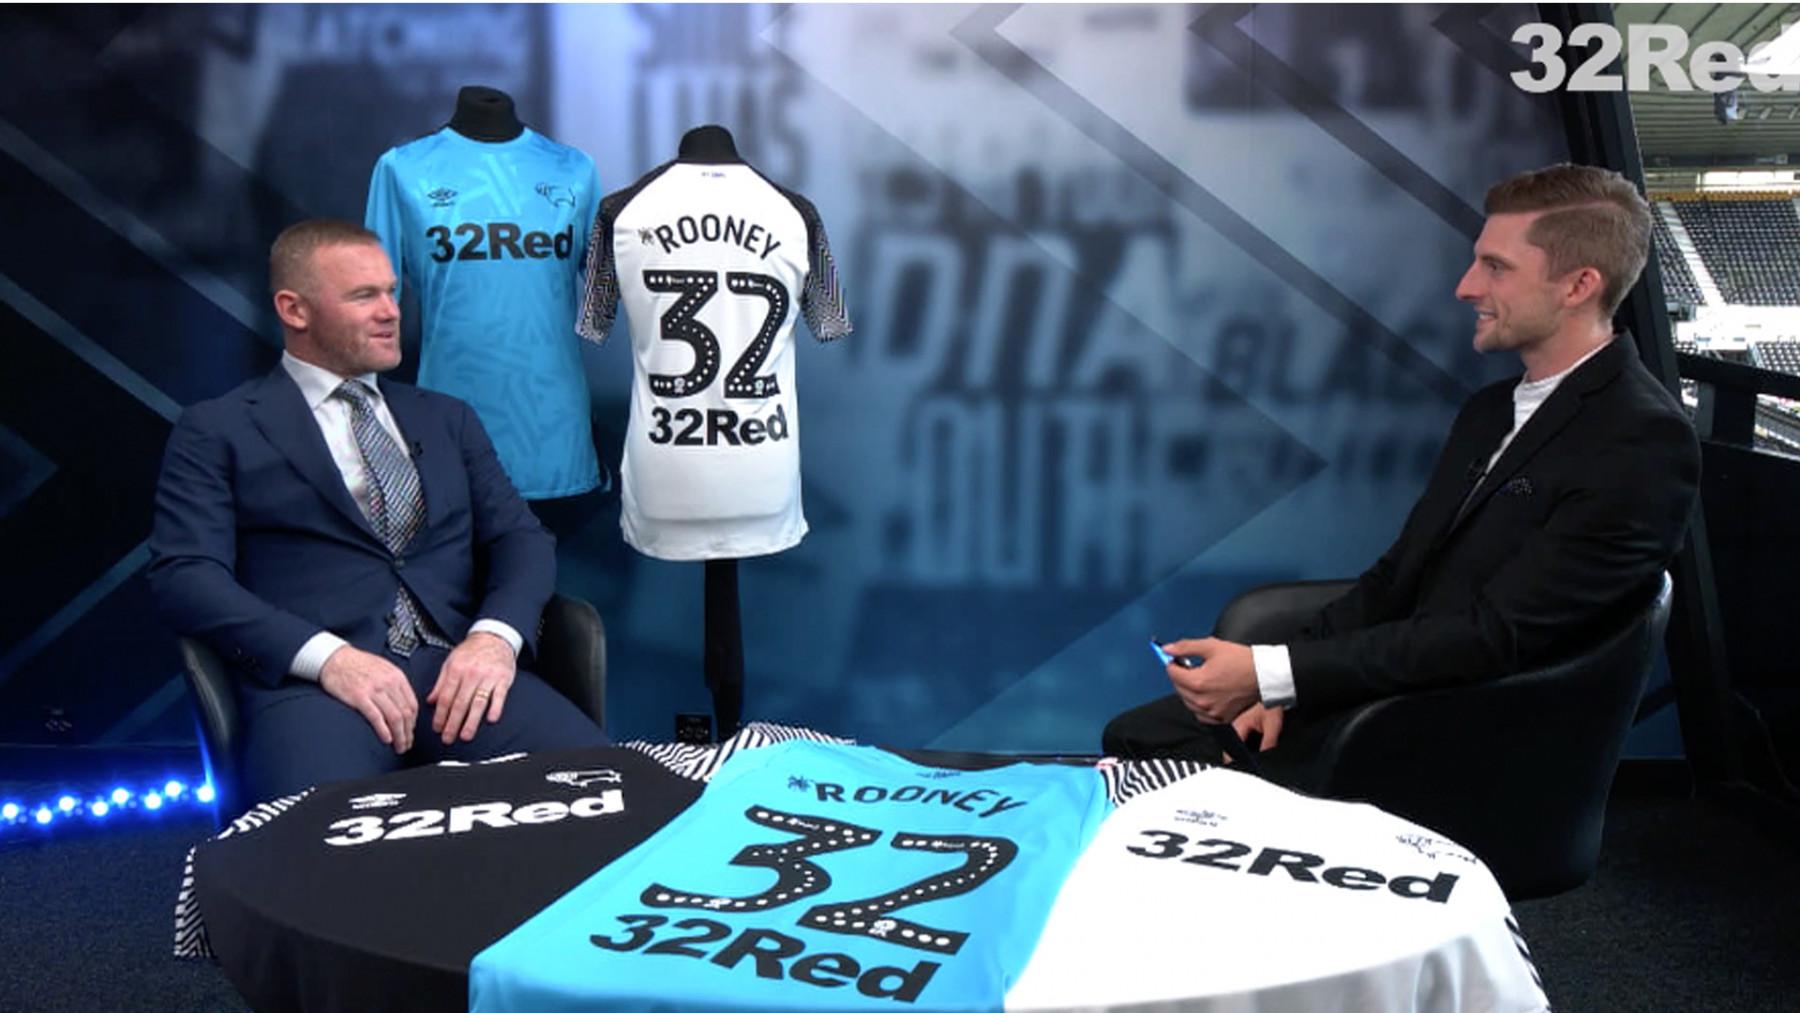 Wayne Rooney w kampanii odpowiedzialnej gry